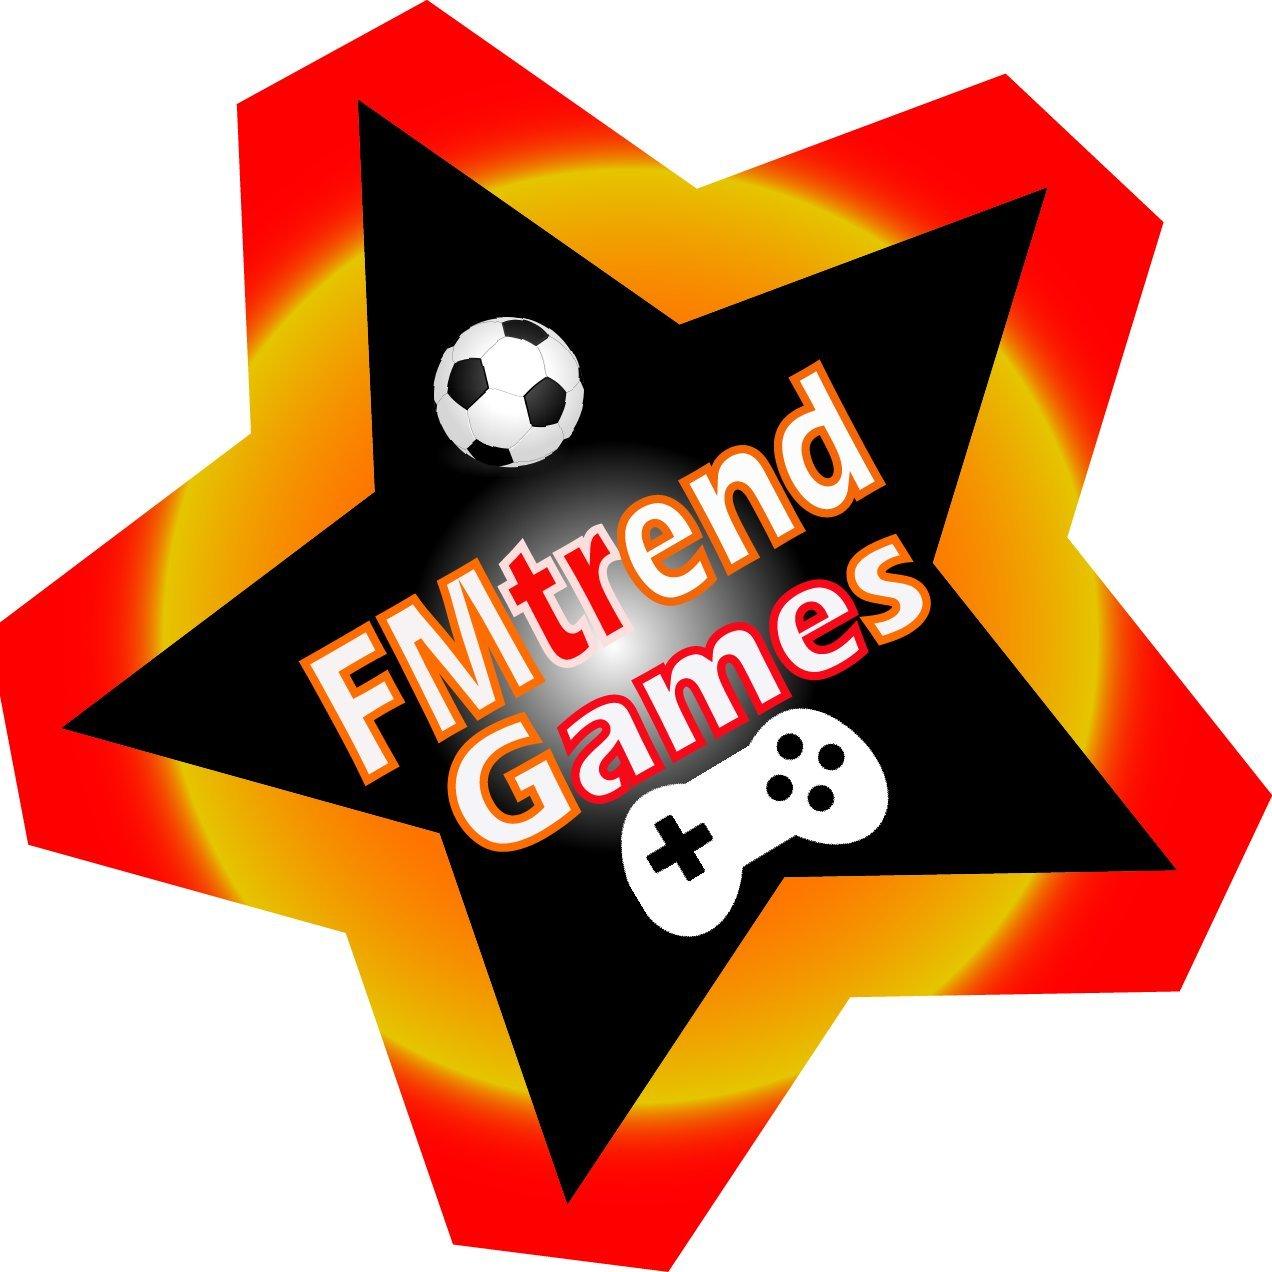 FMtrendGames on Twitter: